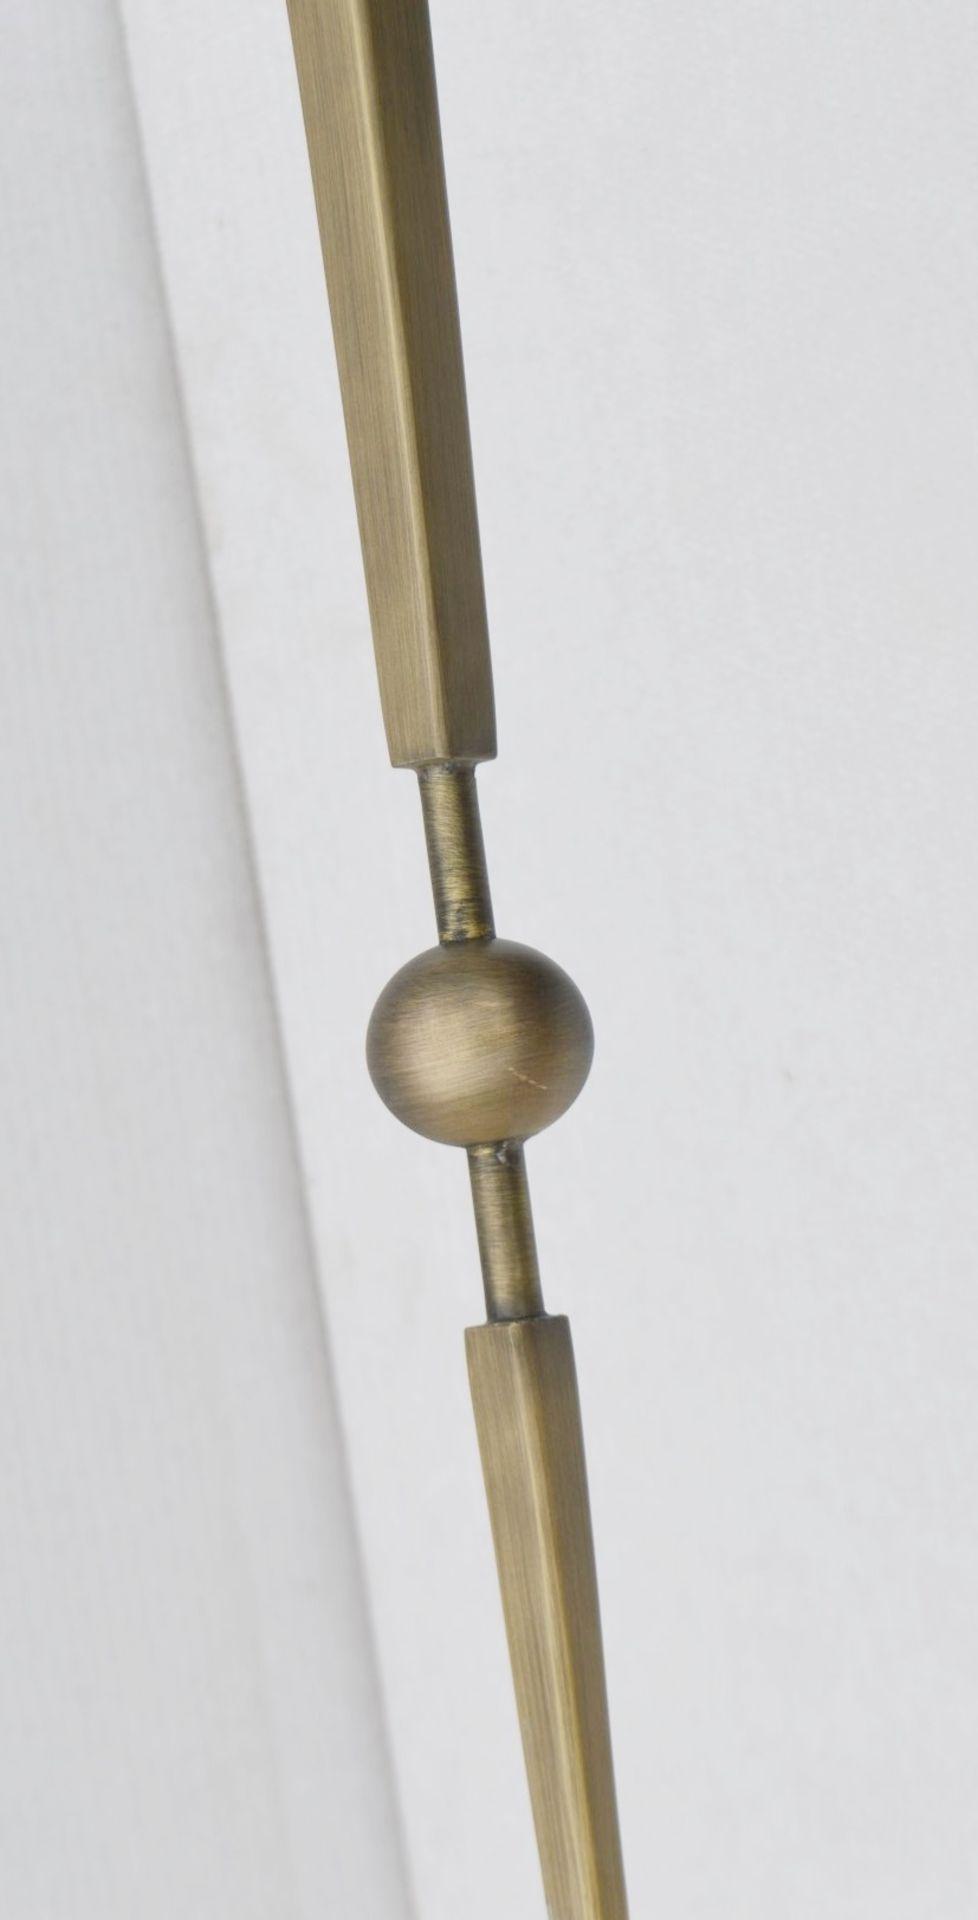 1 x JUSTIN VAN BREDA 'Sphere' Designer Occasional Table - Original RRP £1,200 - Image 5 of 6